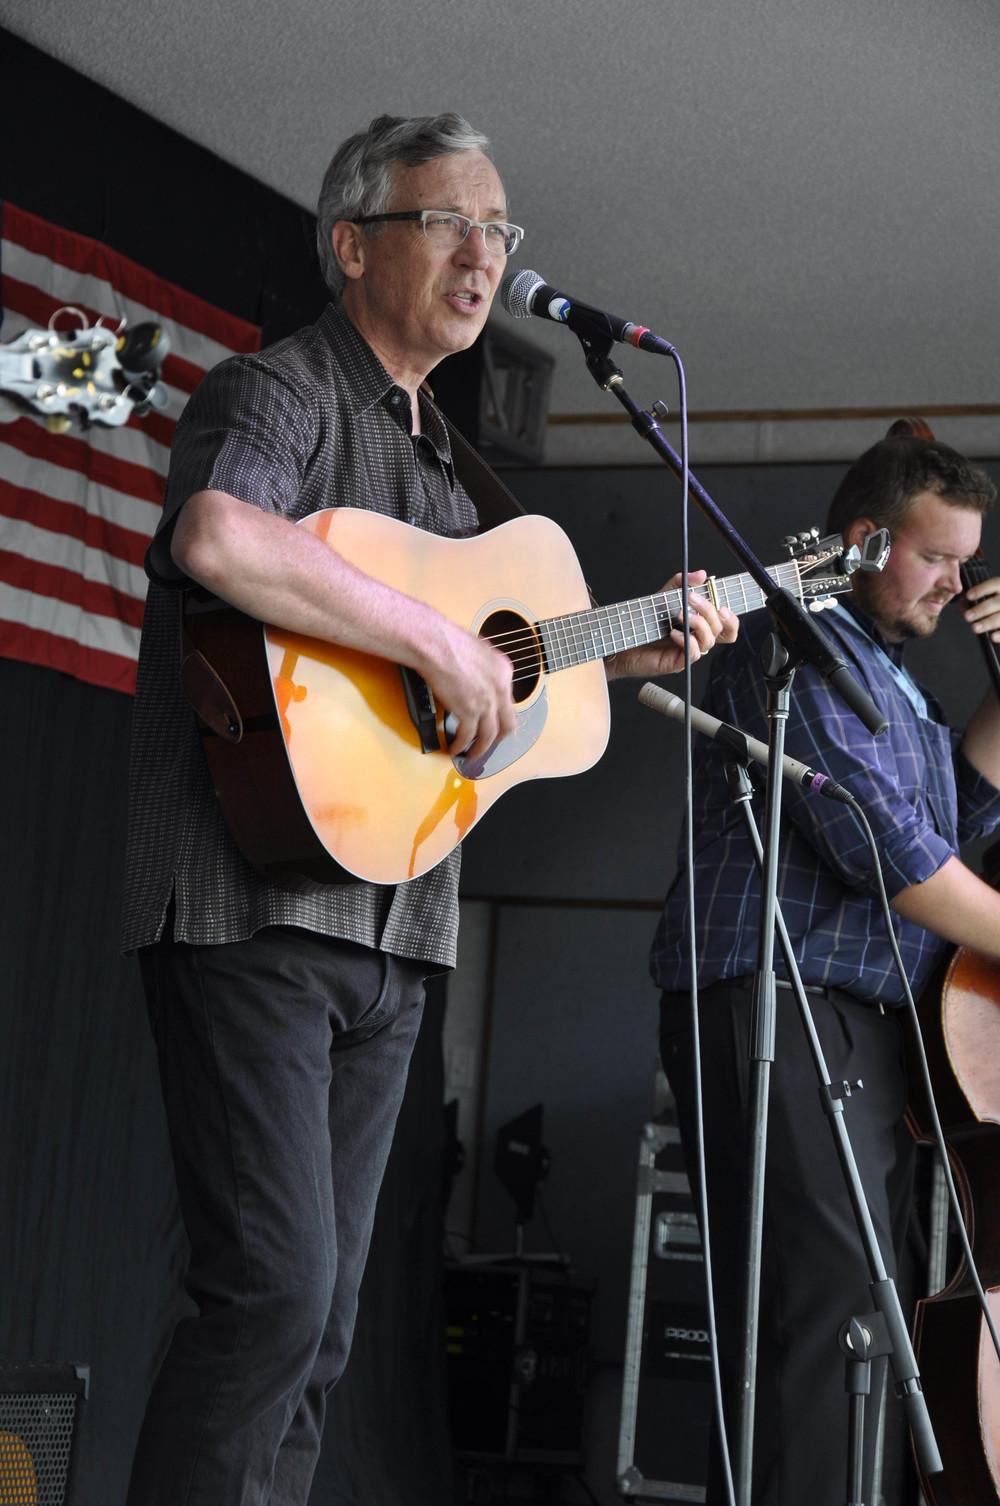 Steve Fisher & Erik Smistad